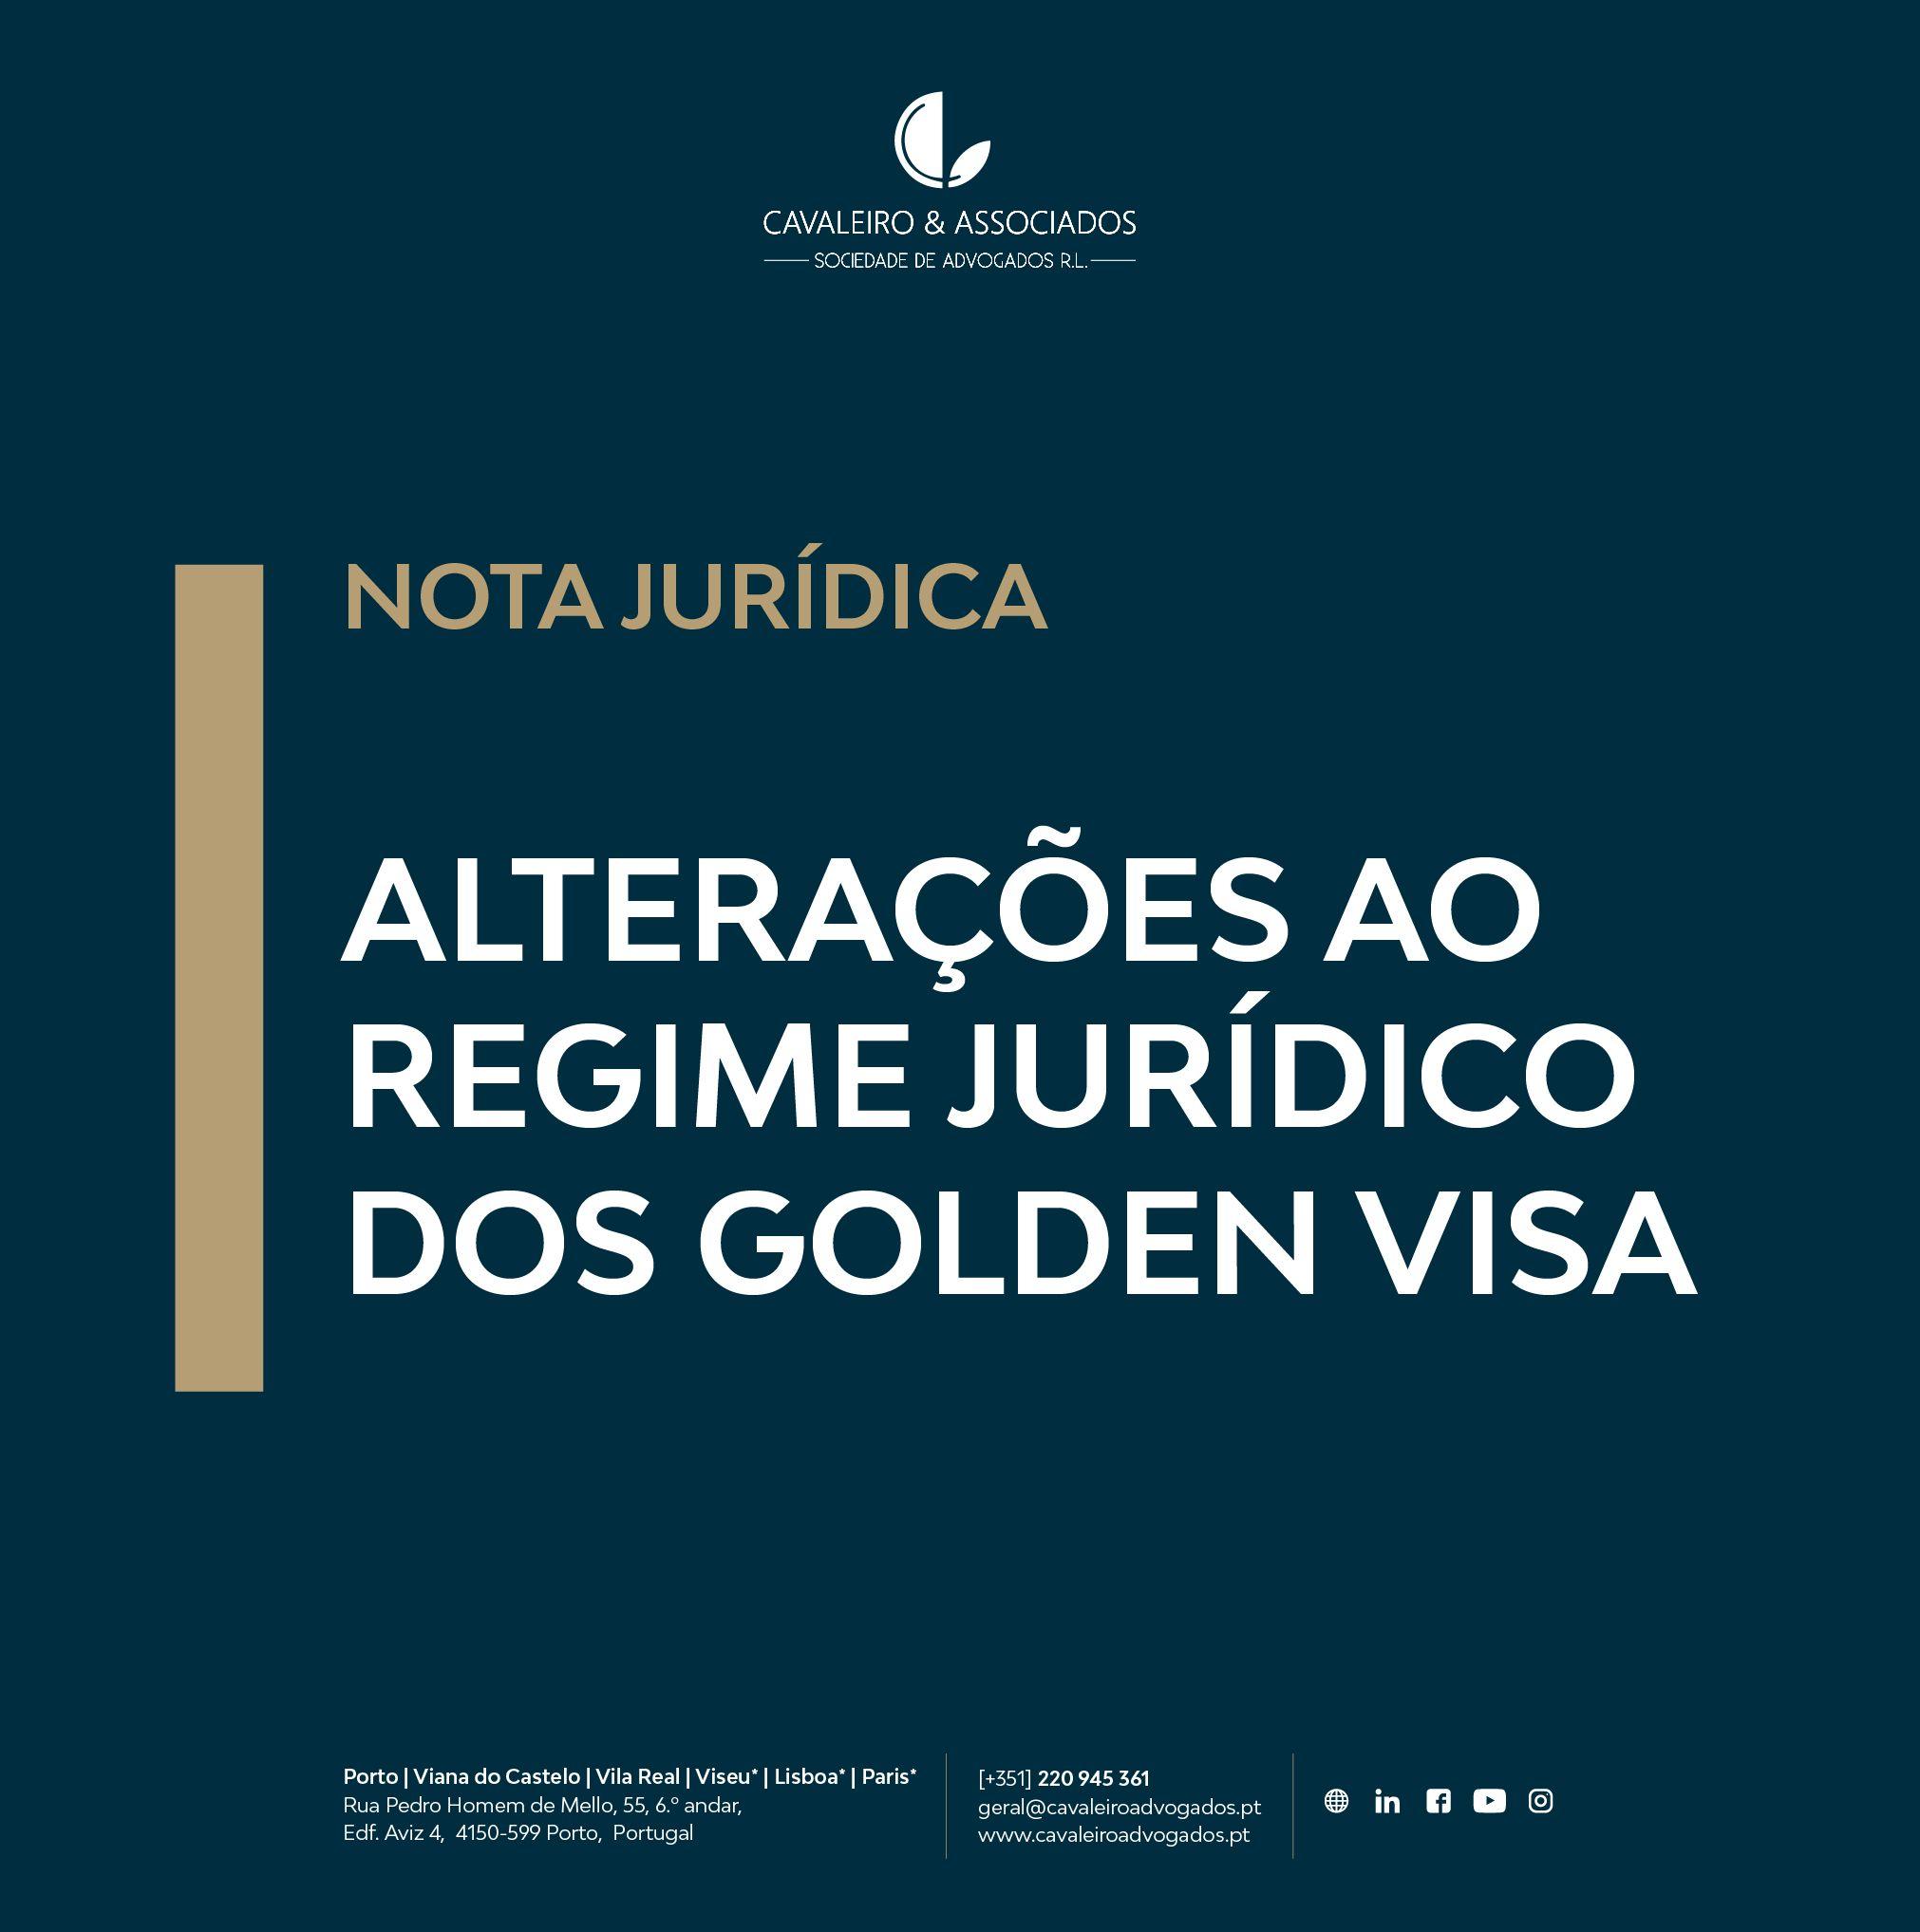 Alterações ao regime jurídico dos Golden VISA